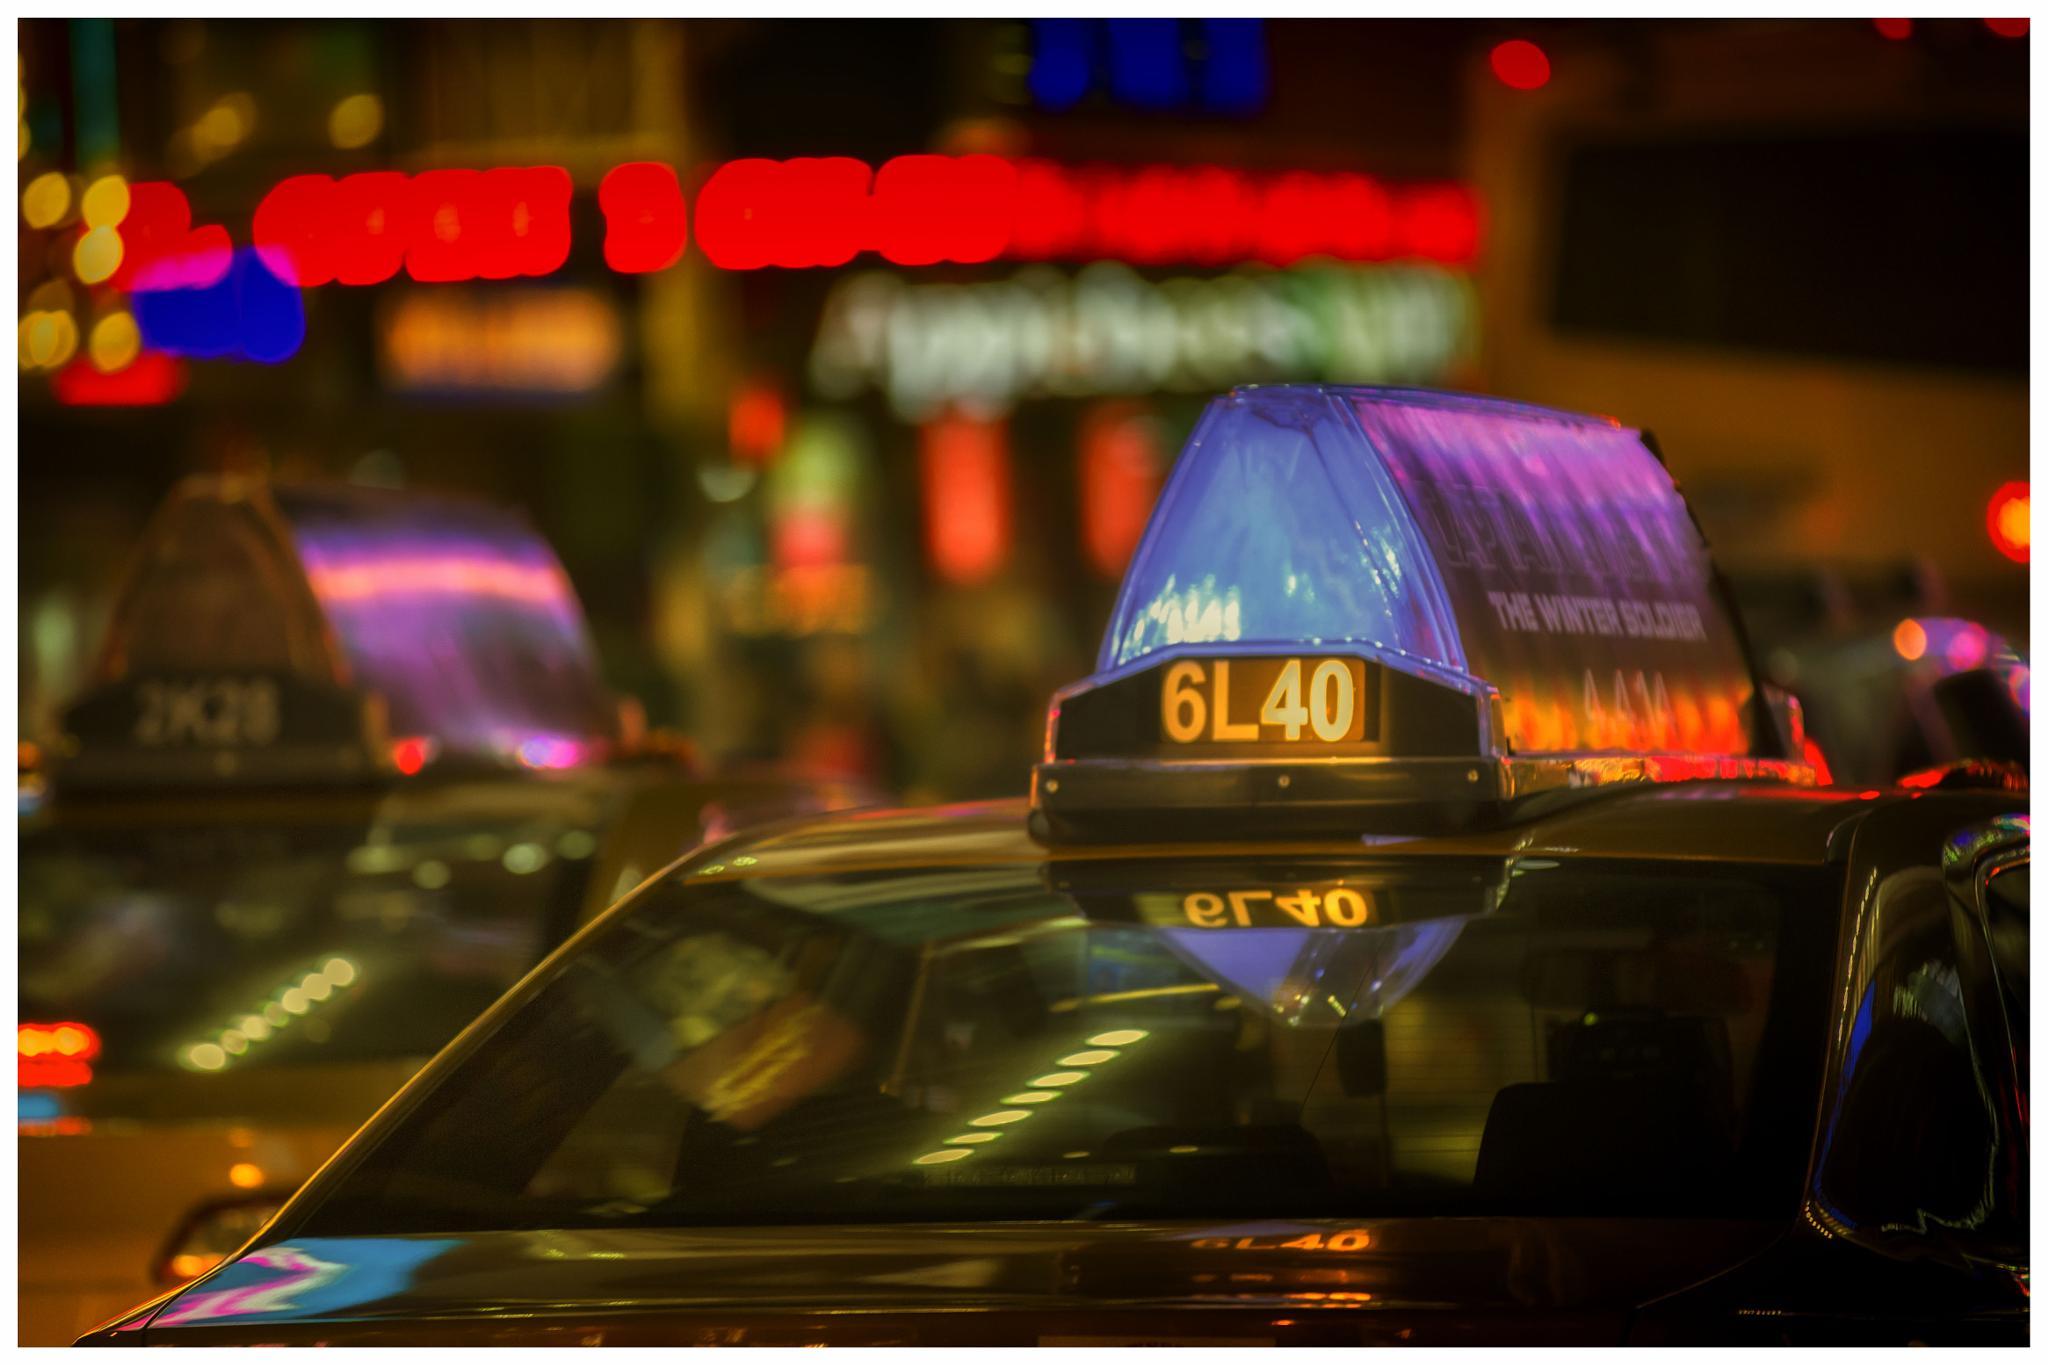 NYC Cab by Jason Tippins